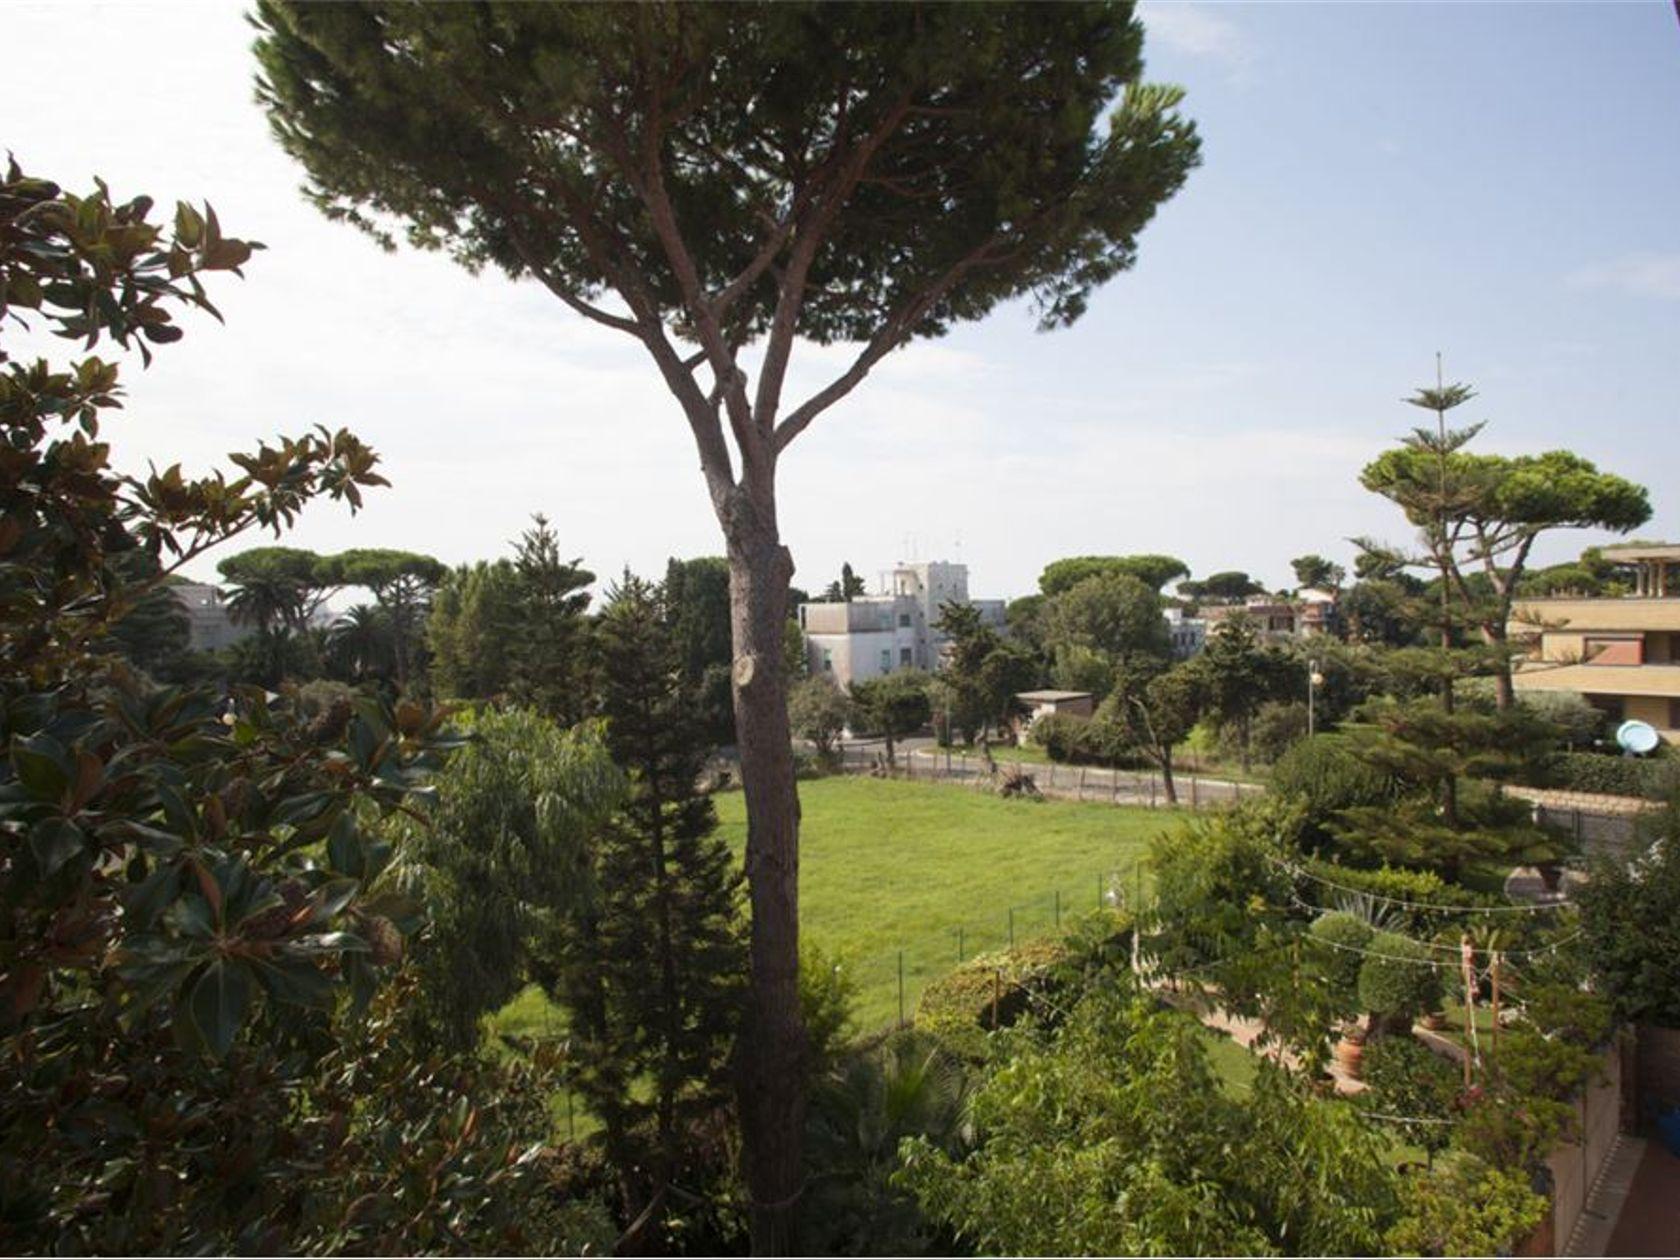 Attico/Mansarda Anzio-santa Teresa, Anzio, RM Vendita - Foto 10